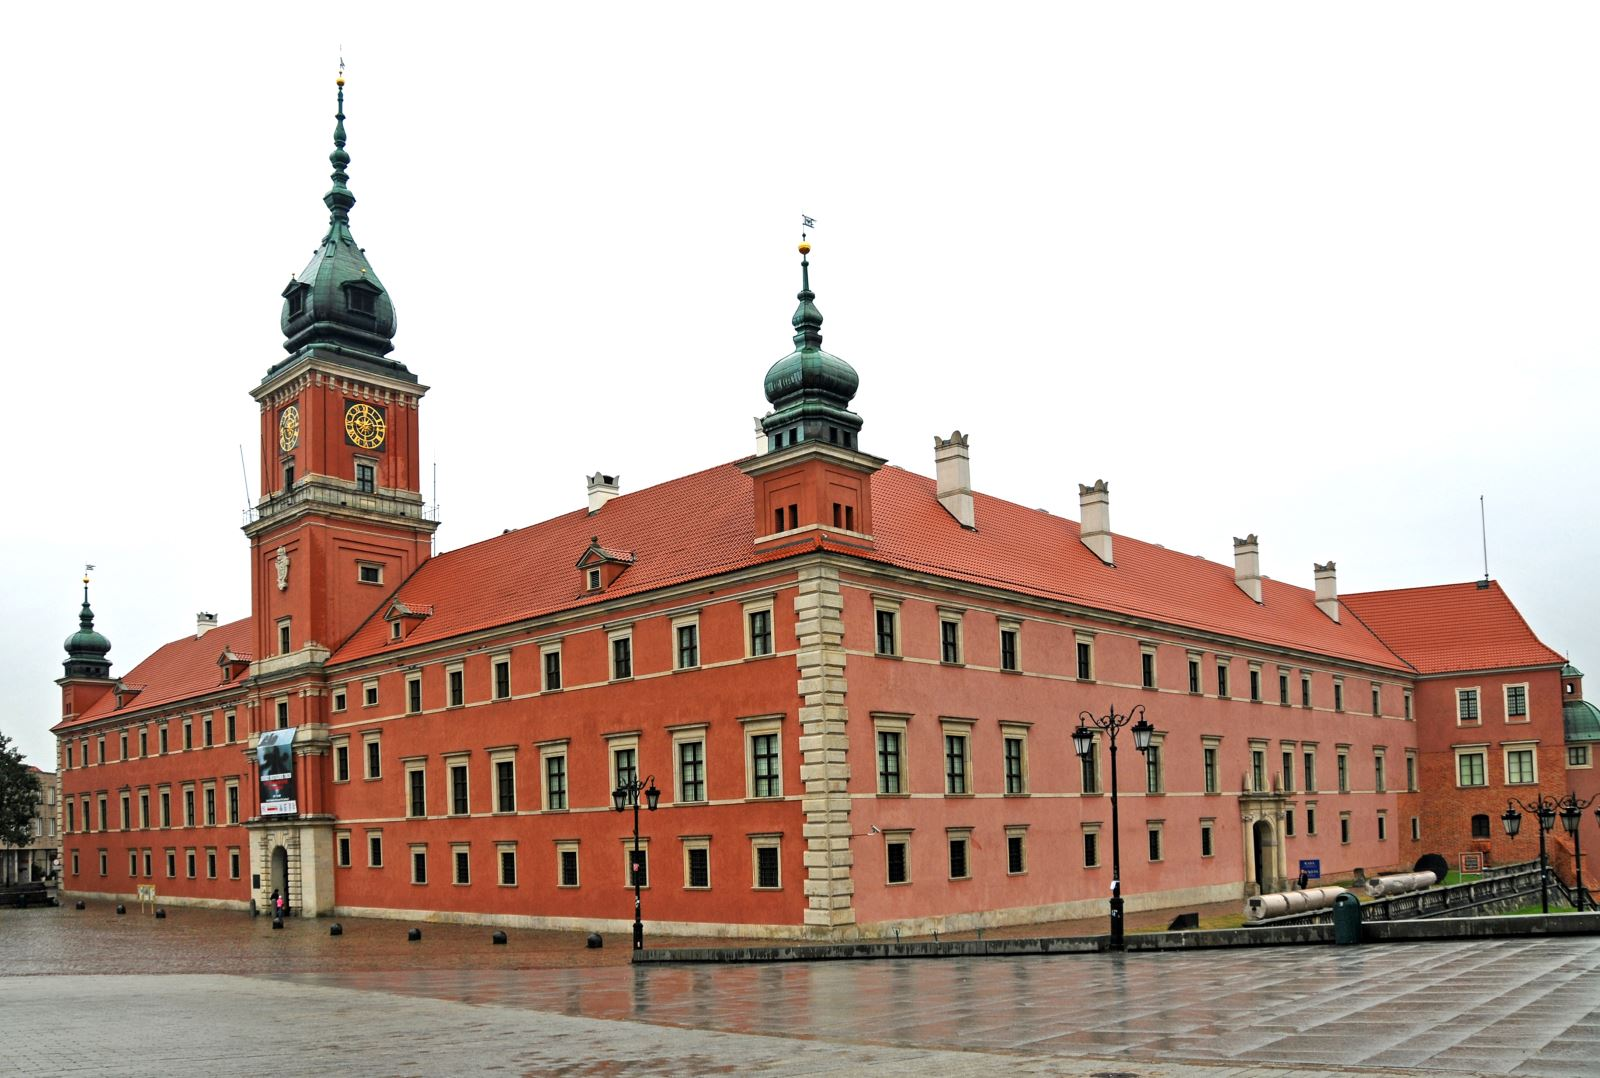 Lâu đài hoàng gia là biểu tượng của thành phố Warsaw